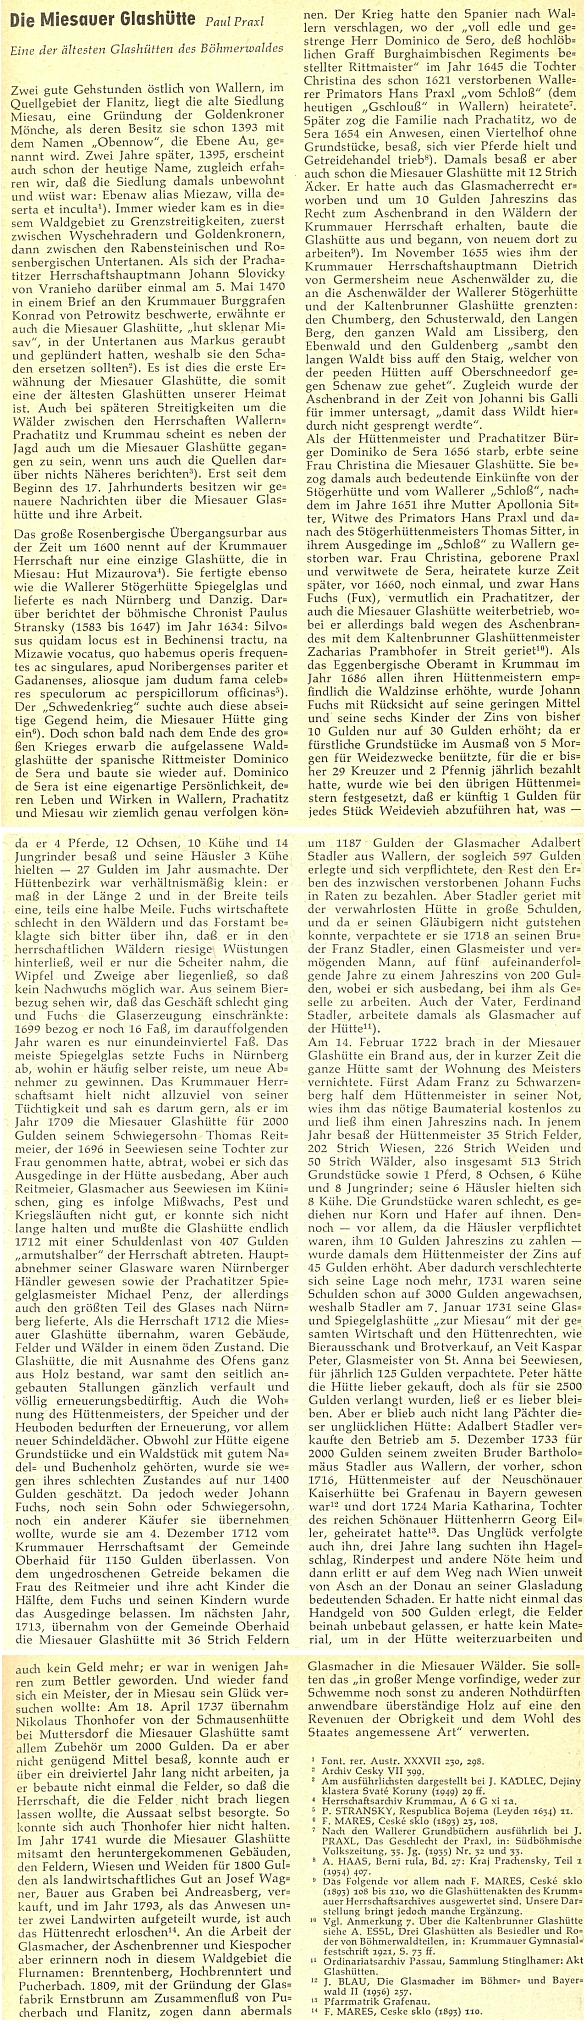 O skelné huti v dnes zaniklém Vyšném (Miesau), jedné z nejstarších na Šumavě, se rozepsal v ve svém textu na stránkách krajanského měsíčníku